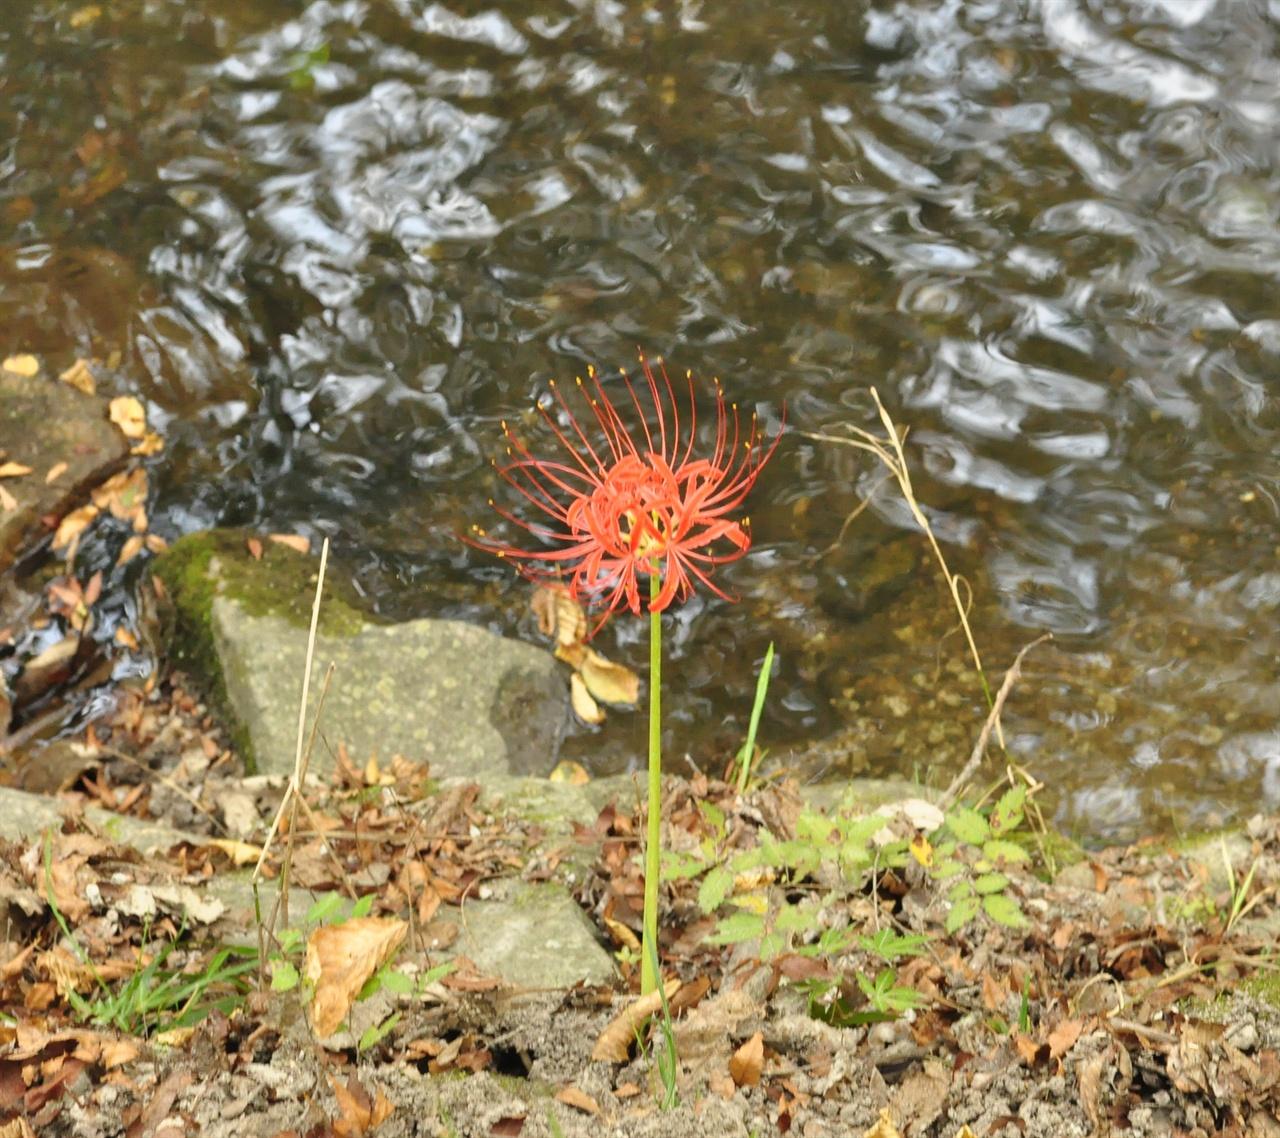 작은 이파리 한 장 없이 껑충한 줄기 위에 빨간 꽃송이만 달랑 피워낸 모습을 보노라면 어쩐지 마음이 애틋해진다.